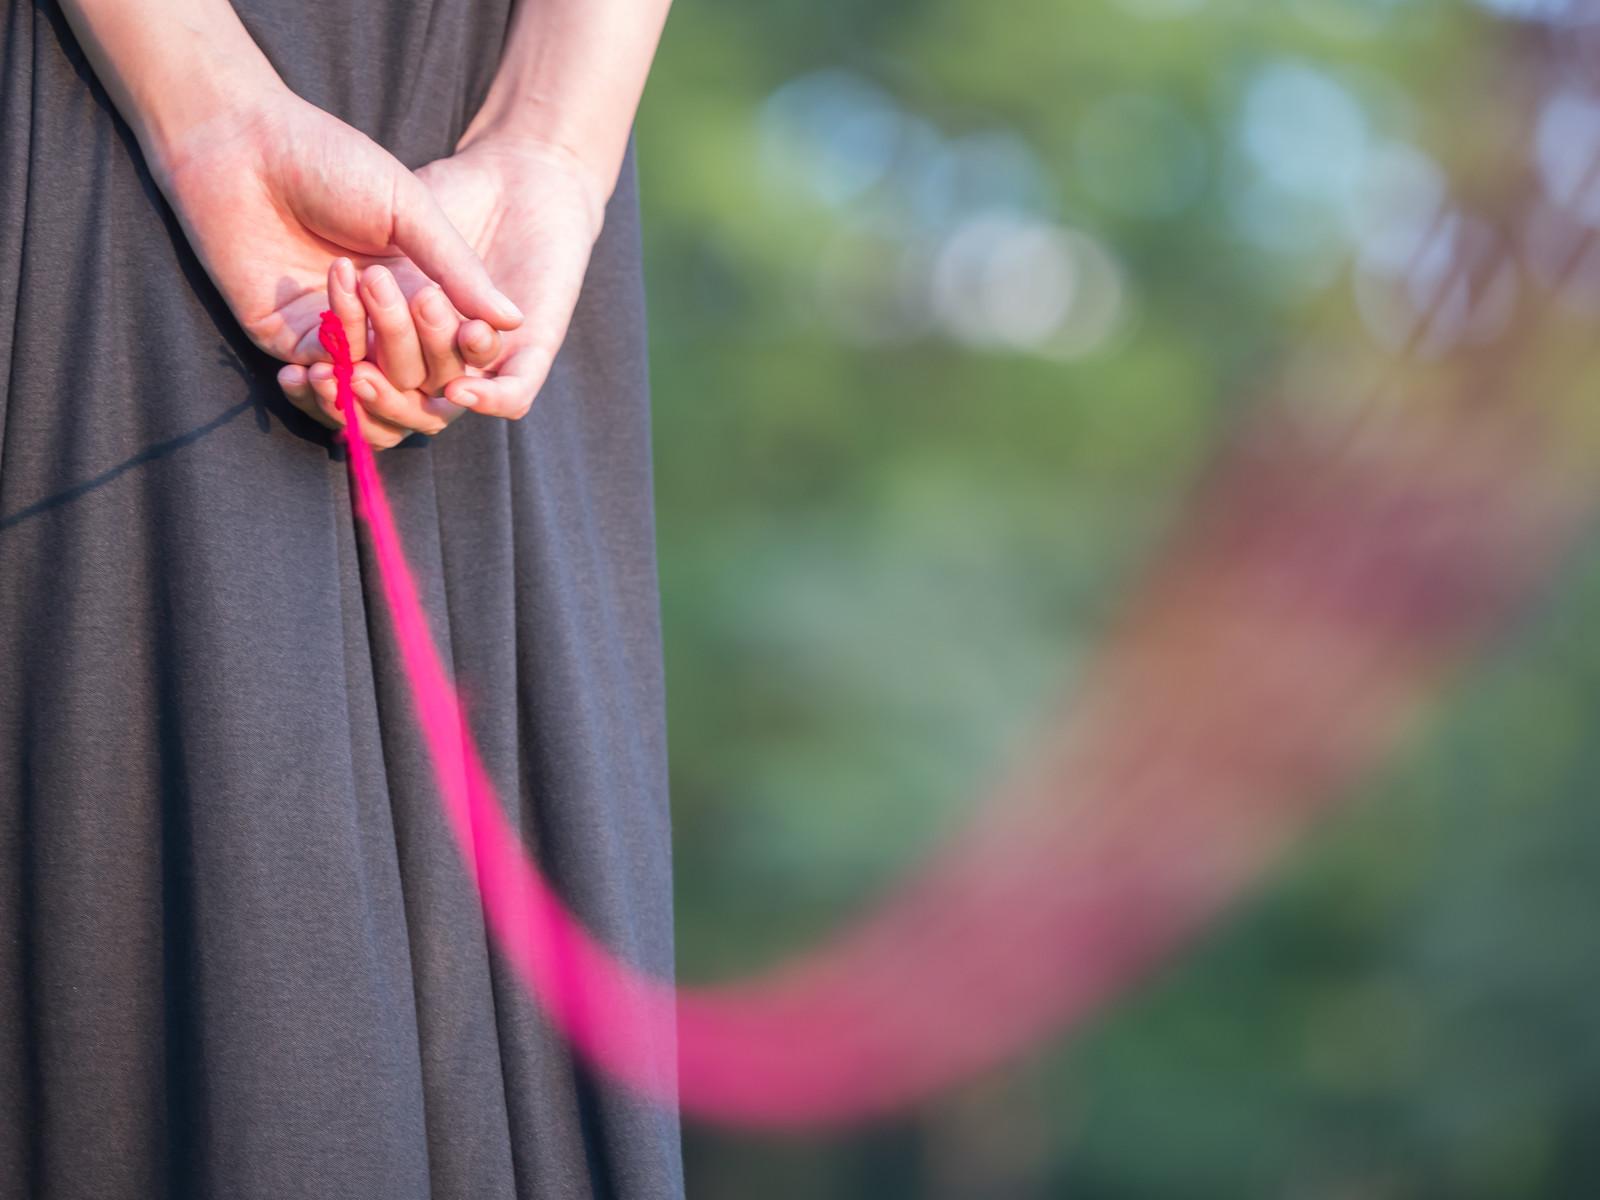 赤い糸でつながれた女性